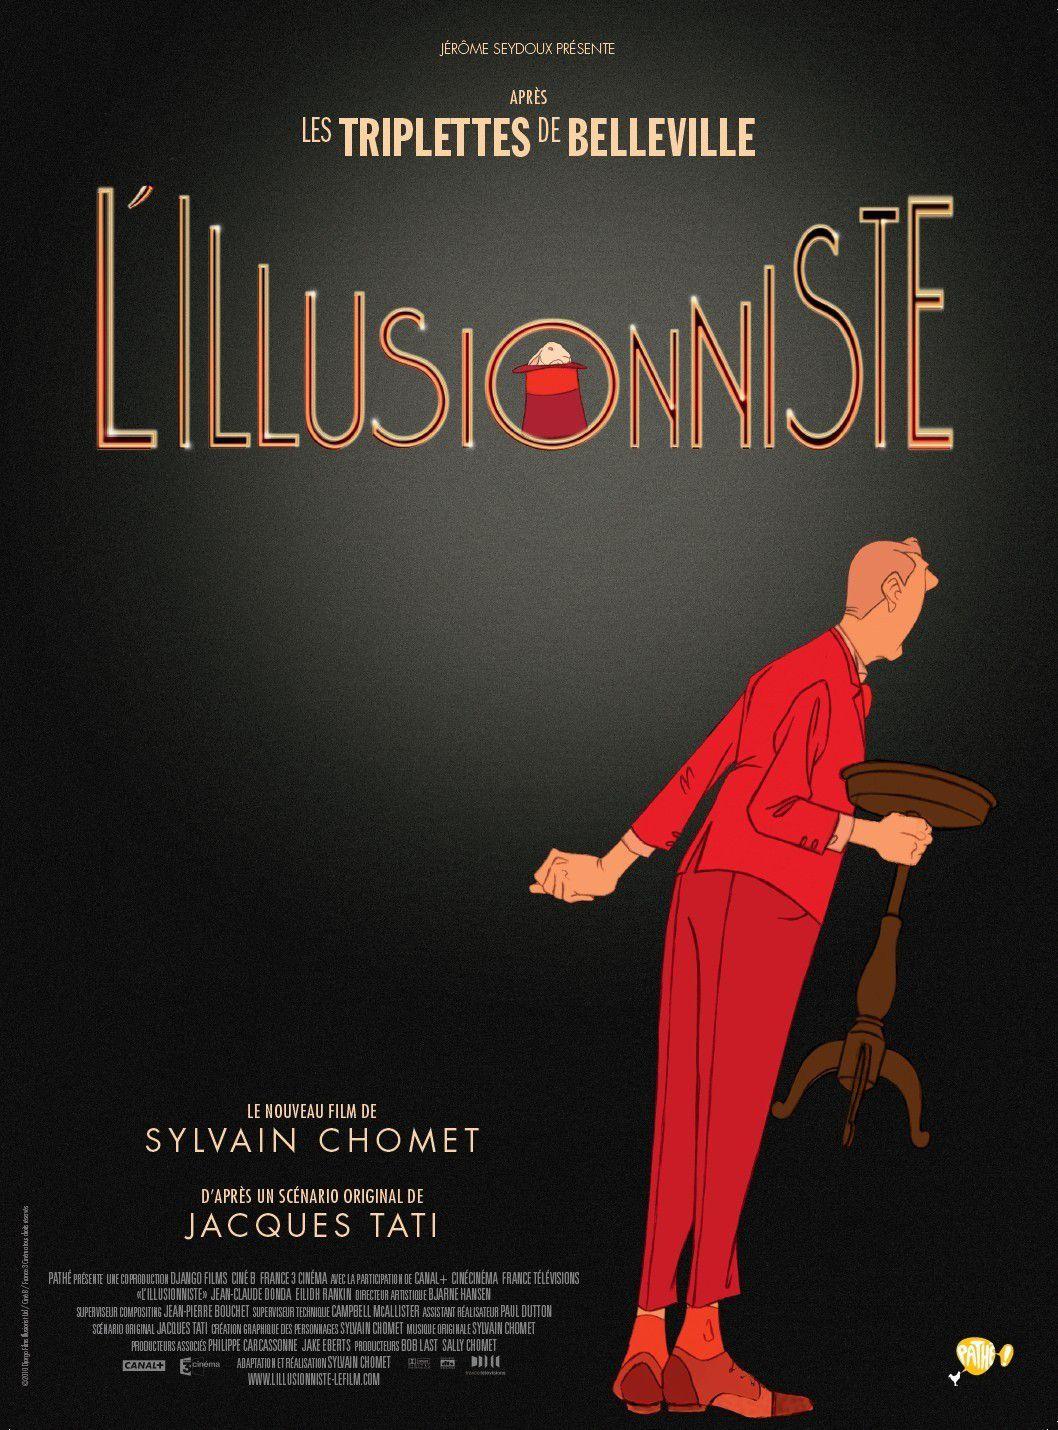 L'Illusionniste - Long-métrage d'animation (2010)